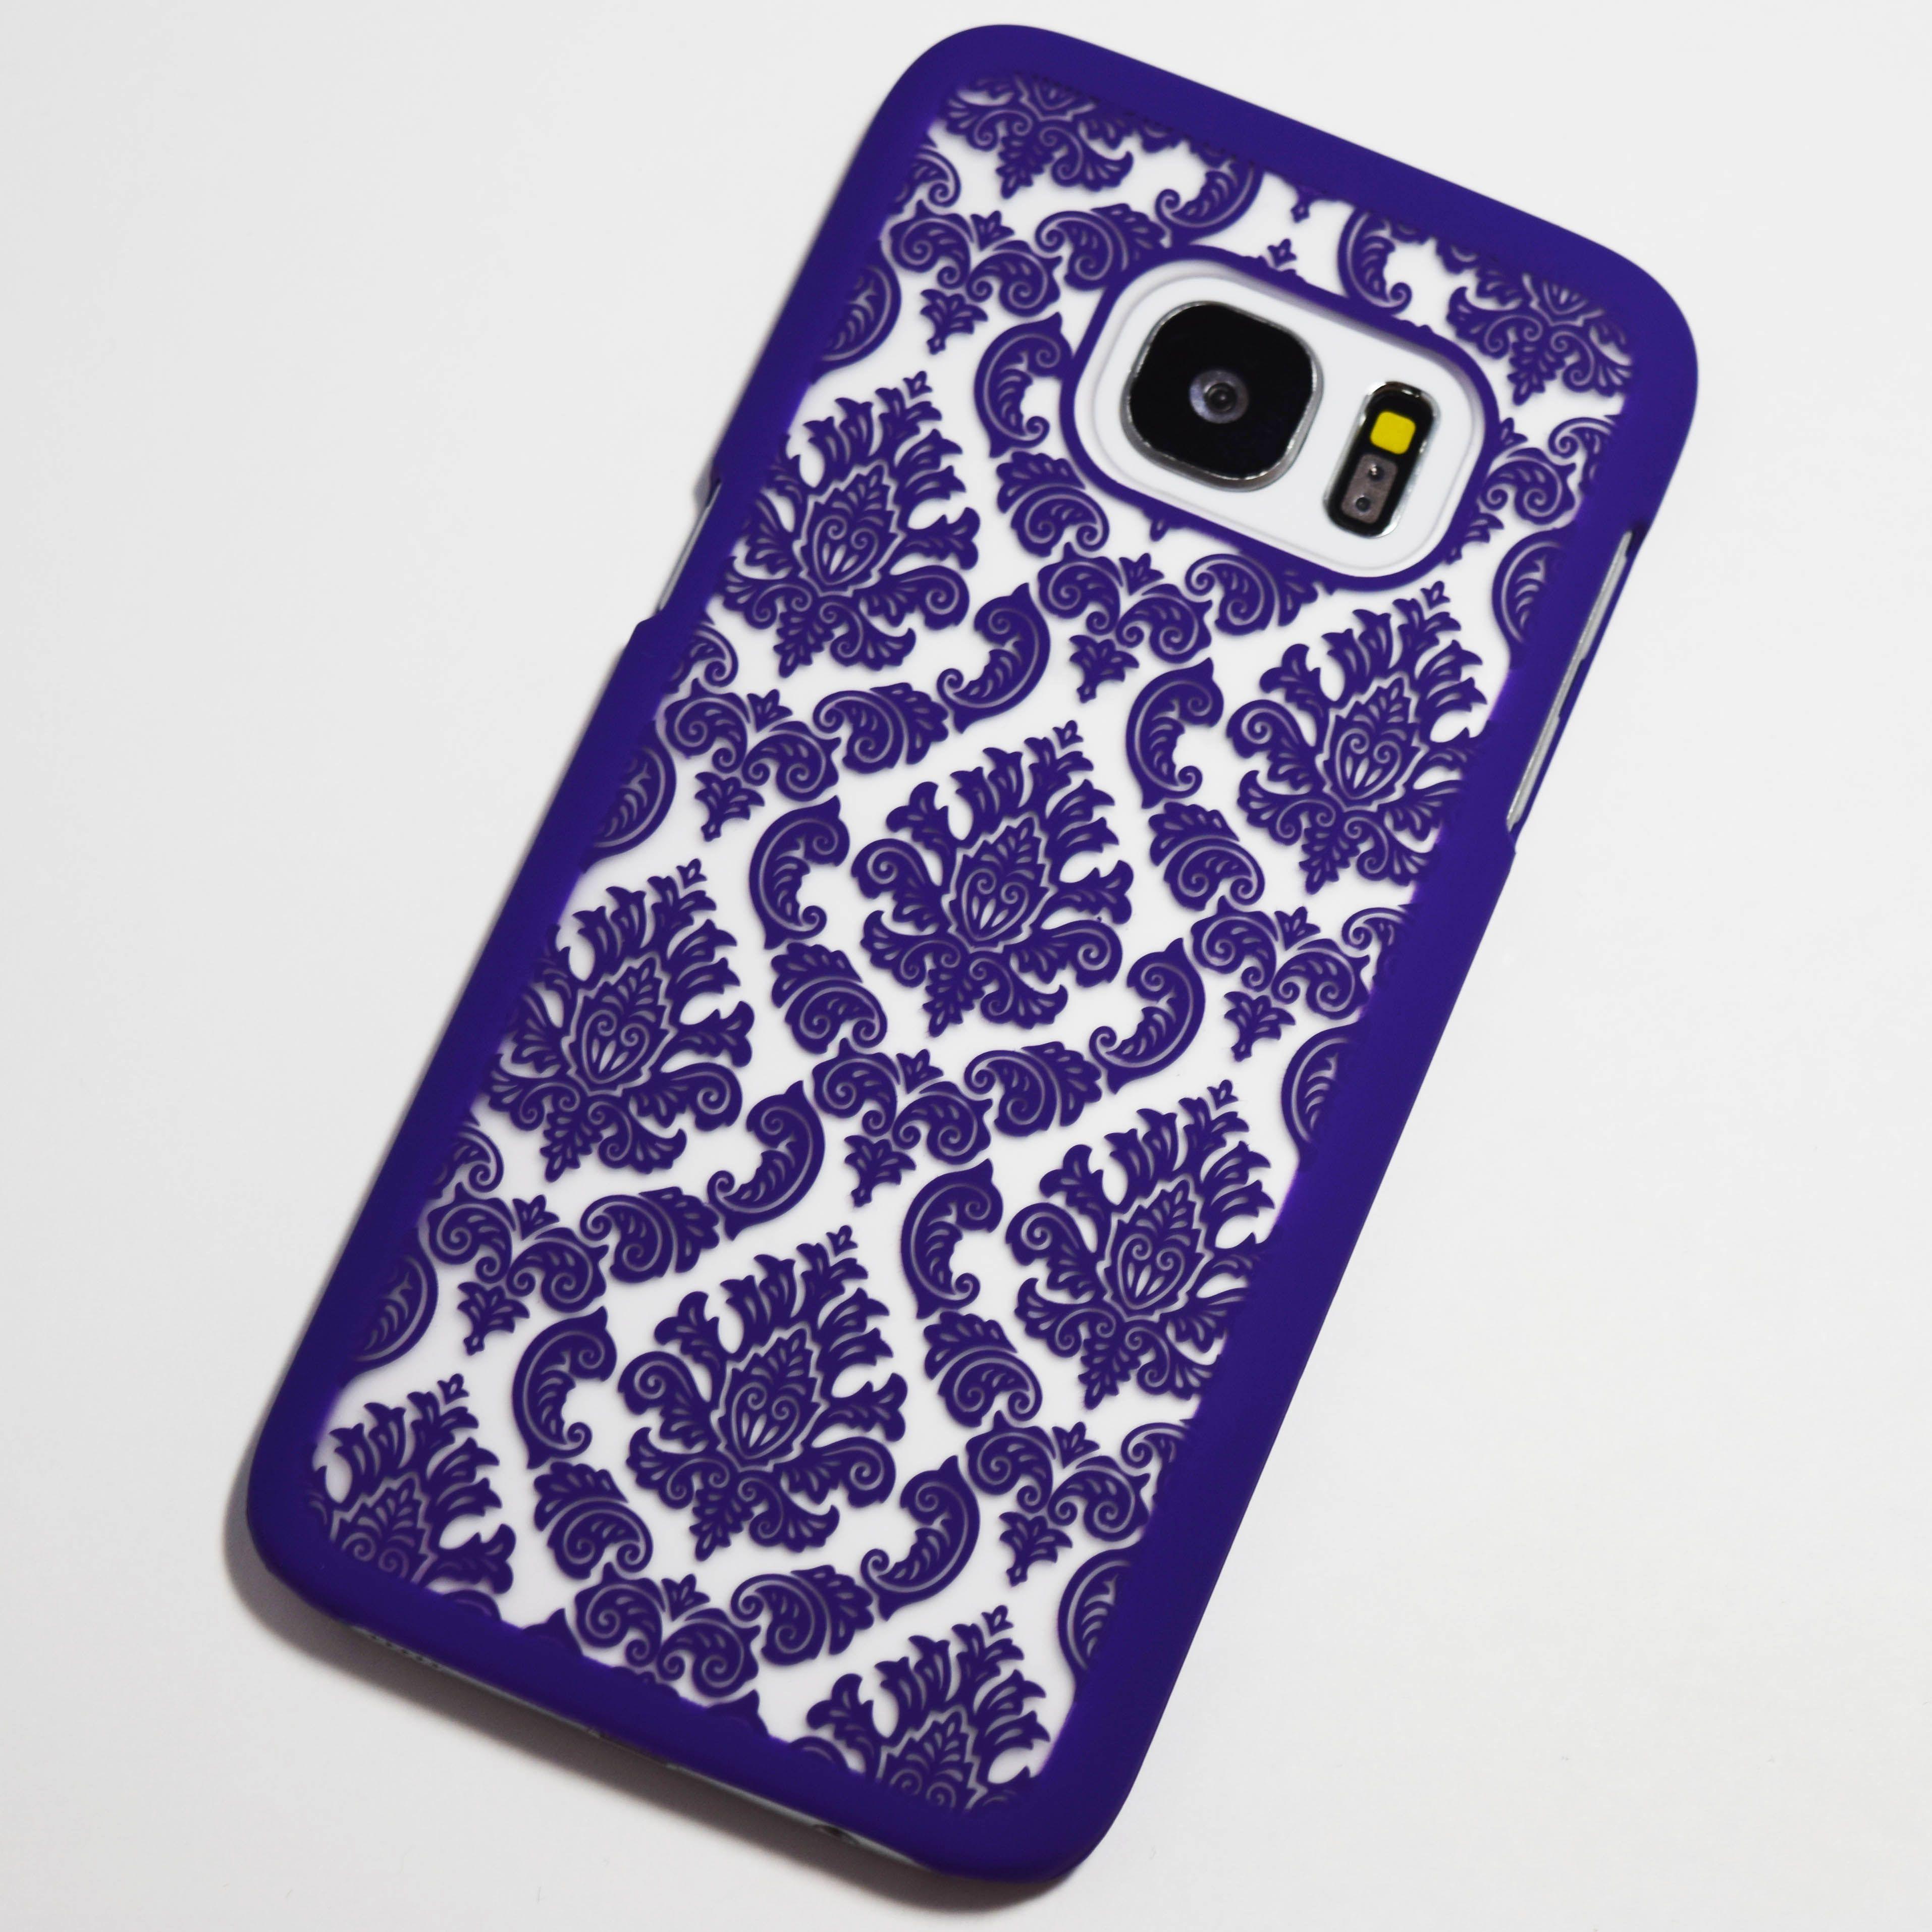 samsung s7 case purple